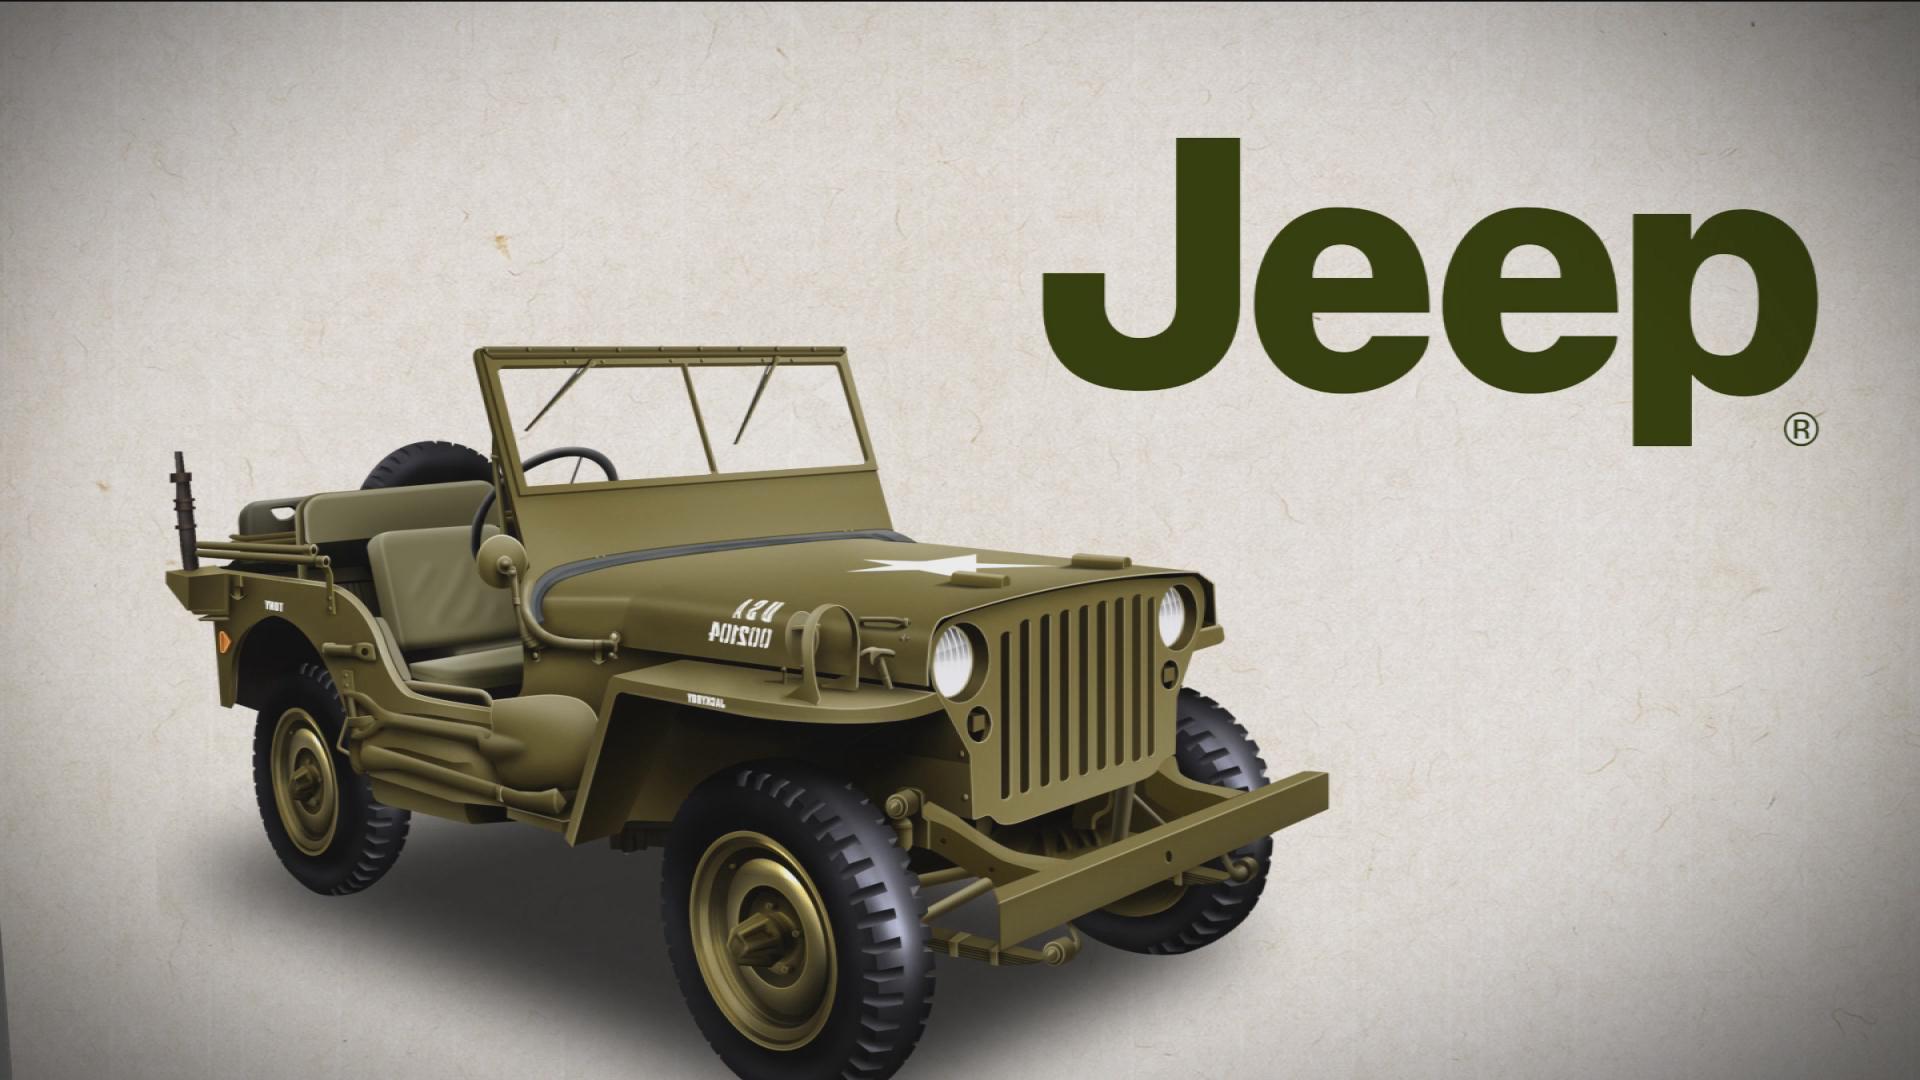 【jeep汽车】jeep汽车报价